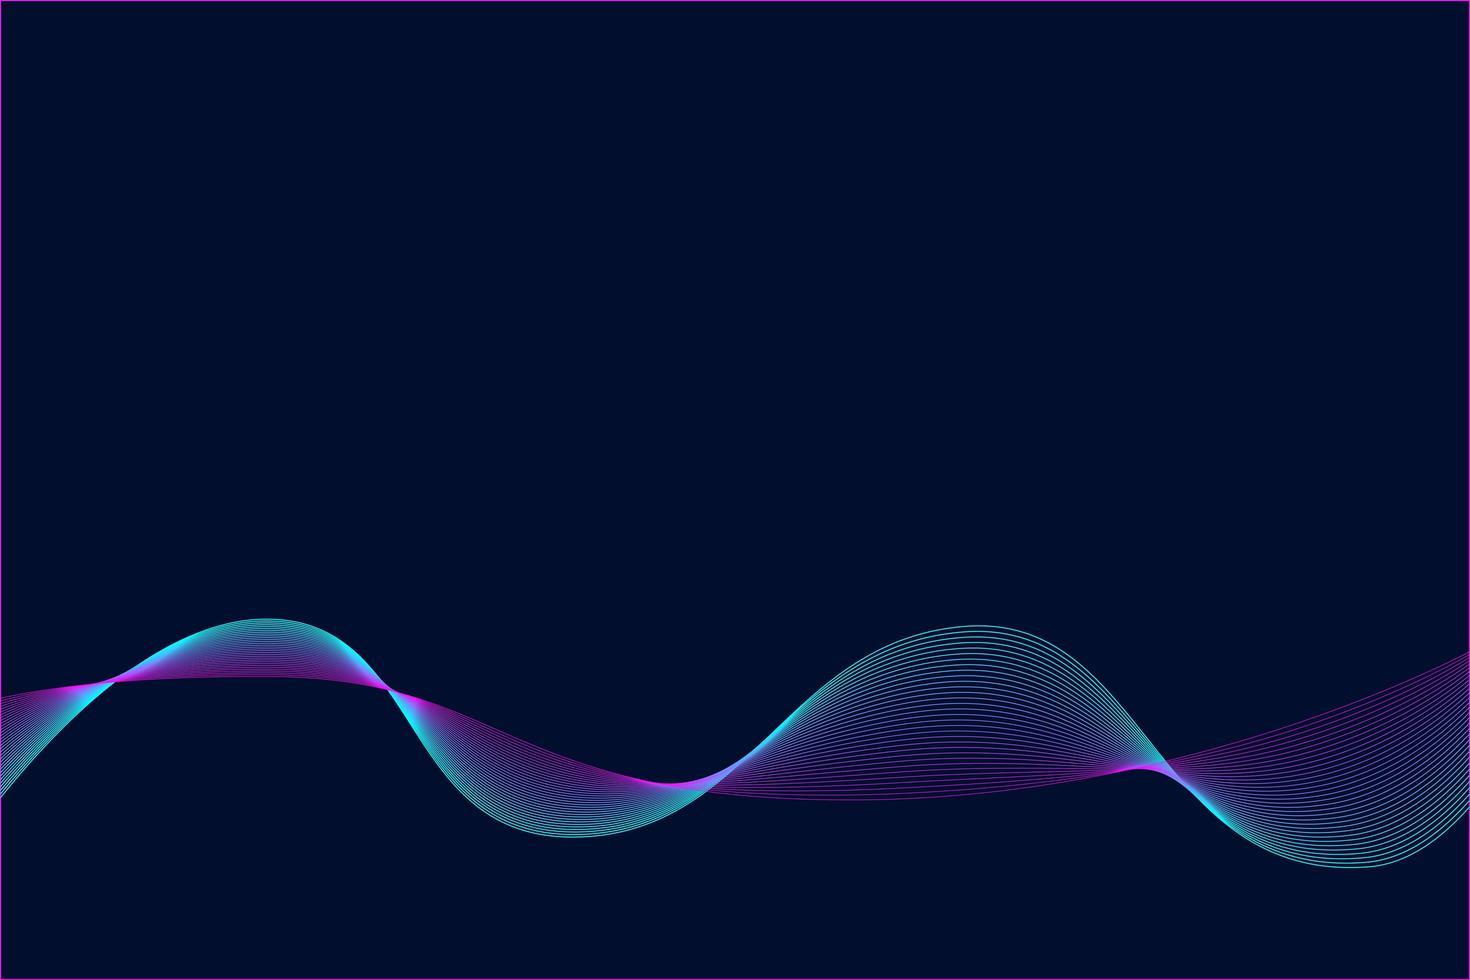 abstrait néon vague fond. vecteur